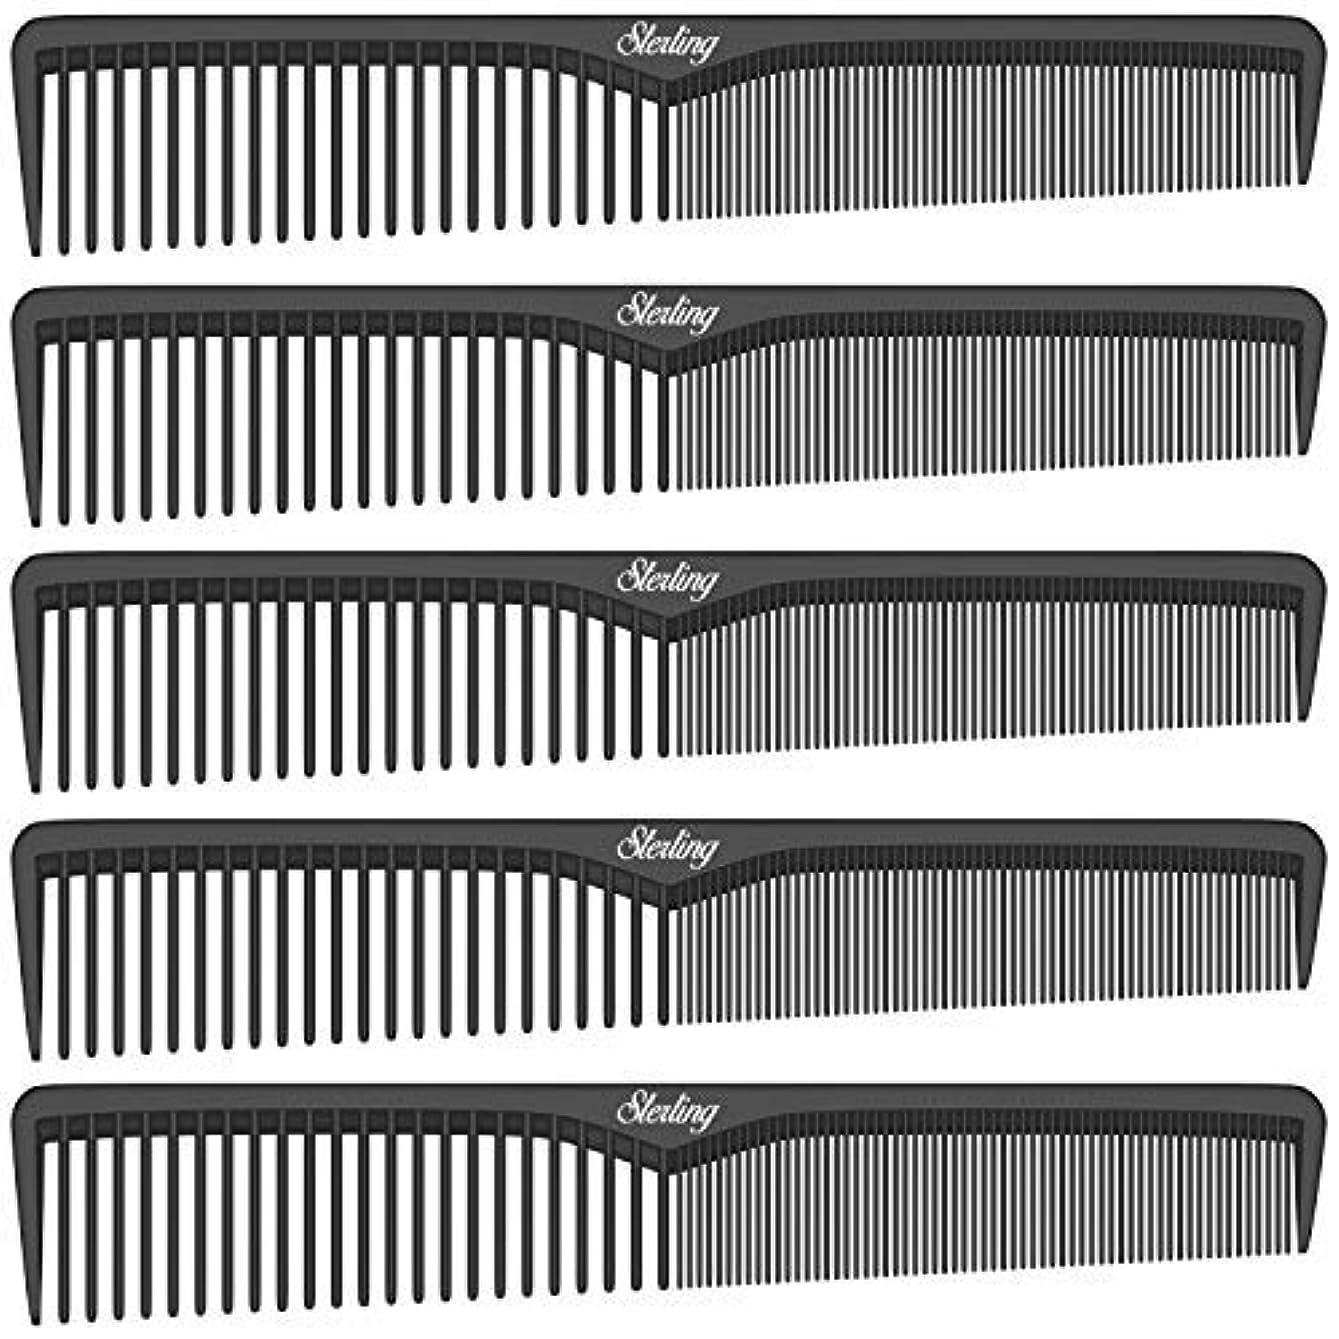 テーマ受け入れる進むSterling Beauty Tools Styling Combs, Professional 7